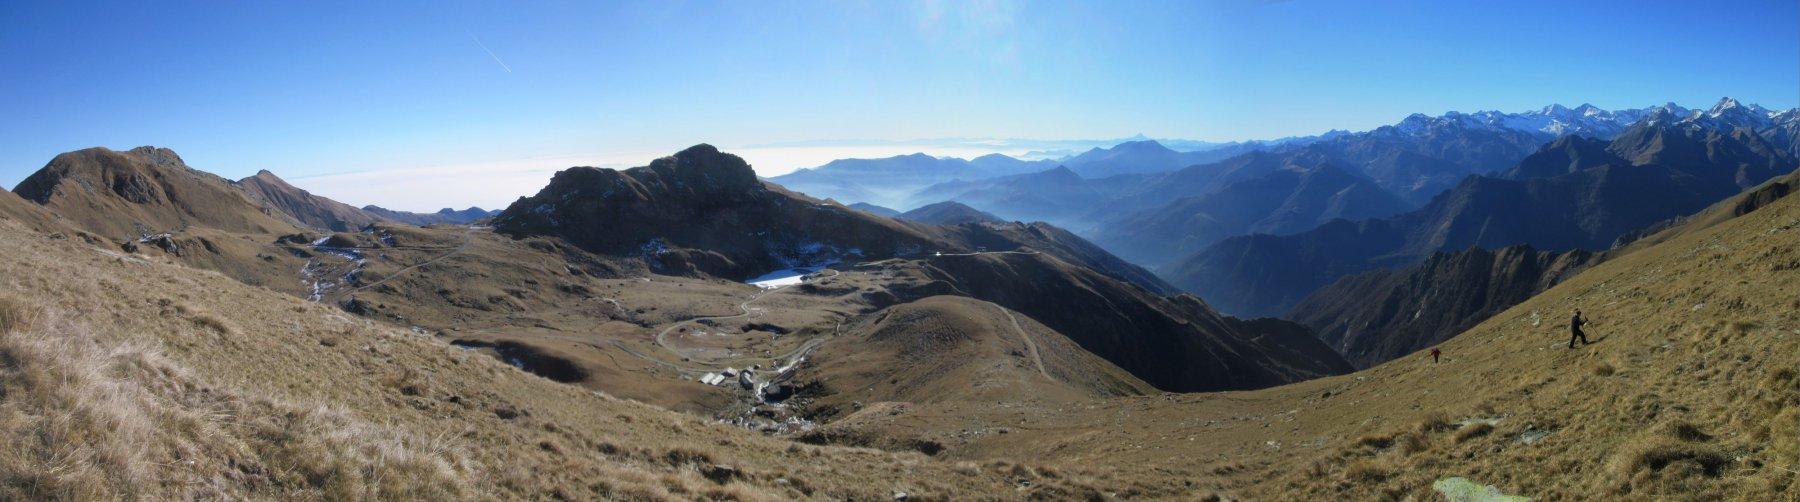 Salendo verso il Monte La Rossa